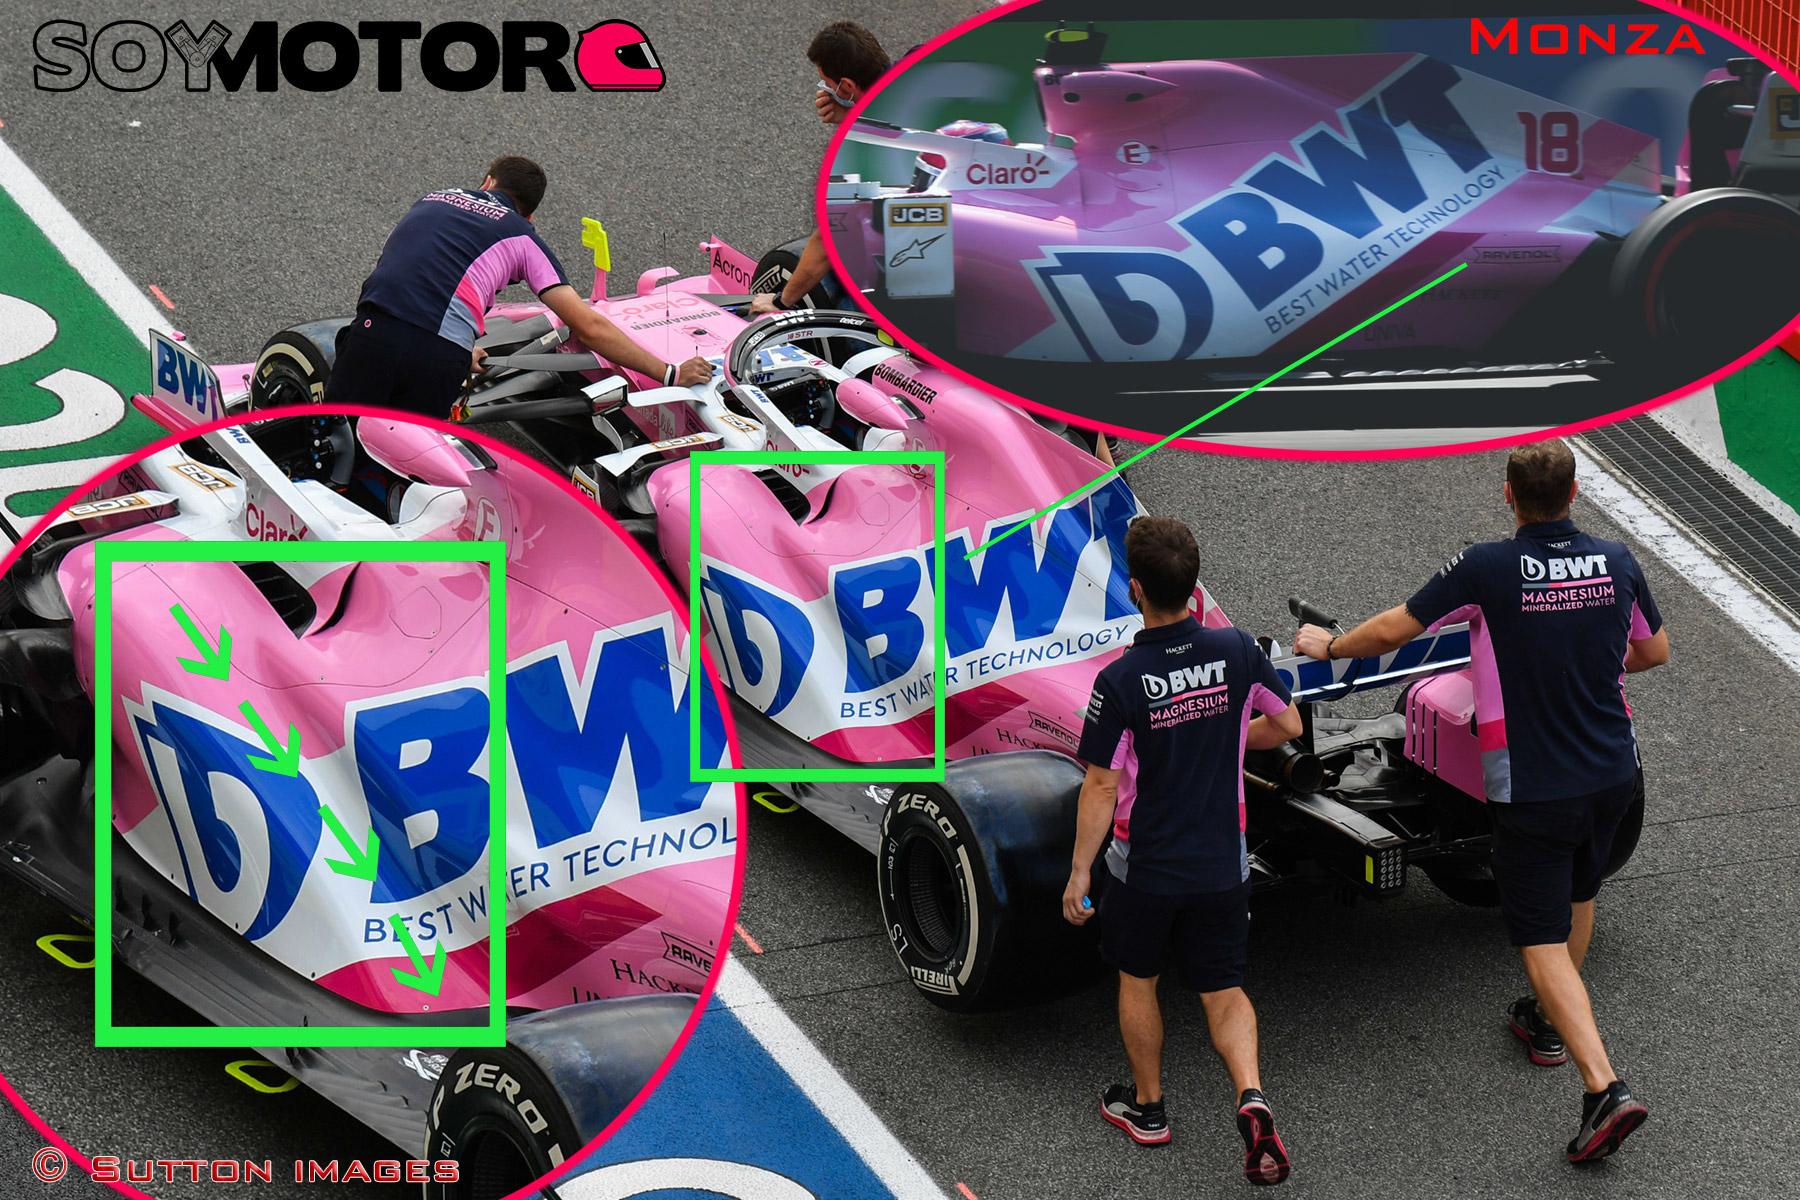 racing-point-pontones-y-chasis-soymotor.jpg